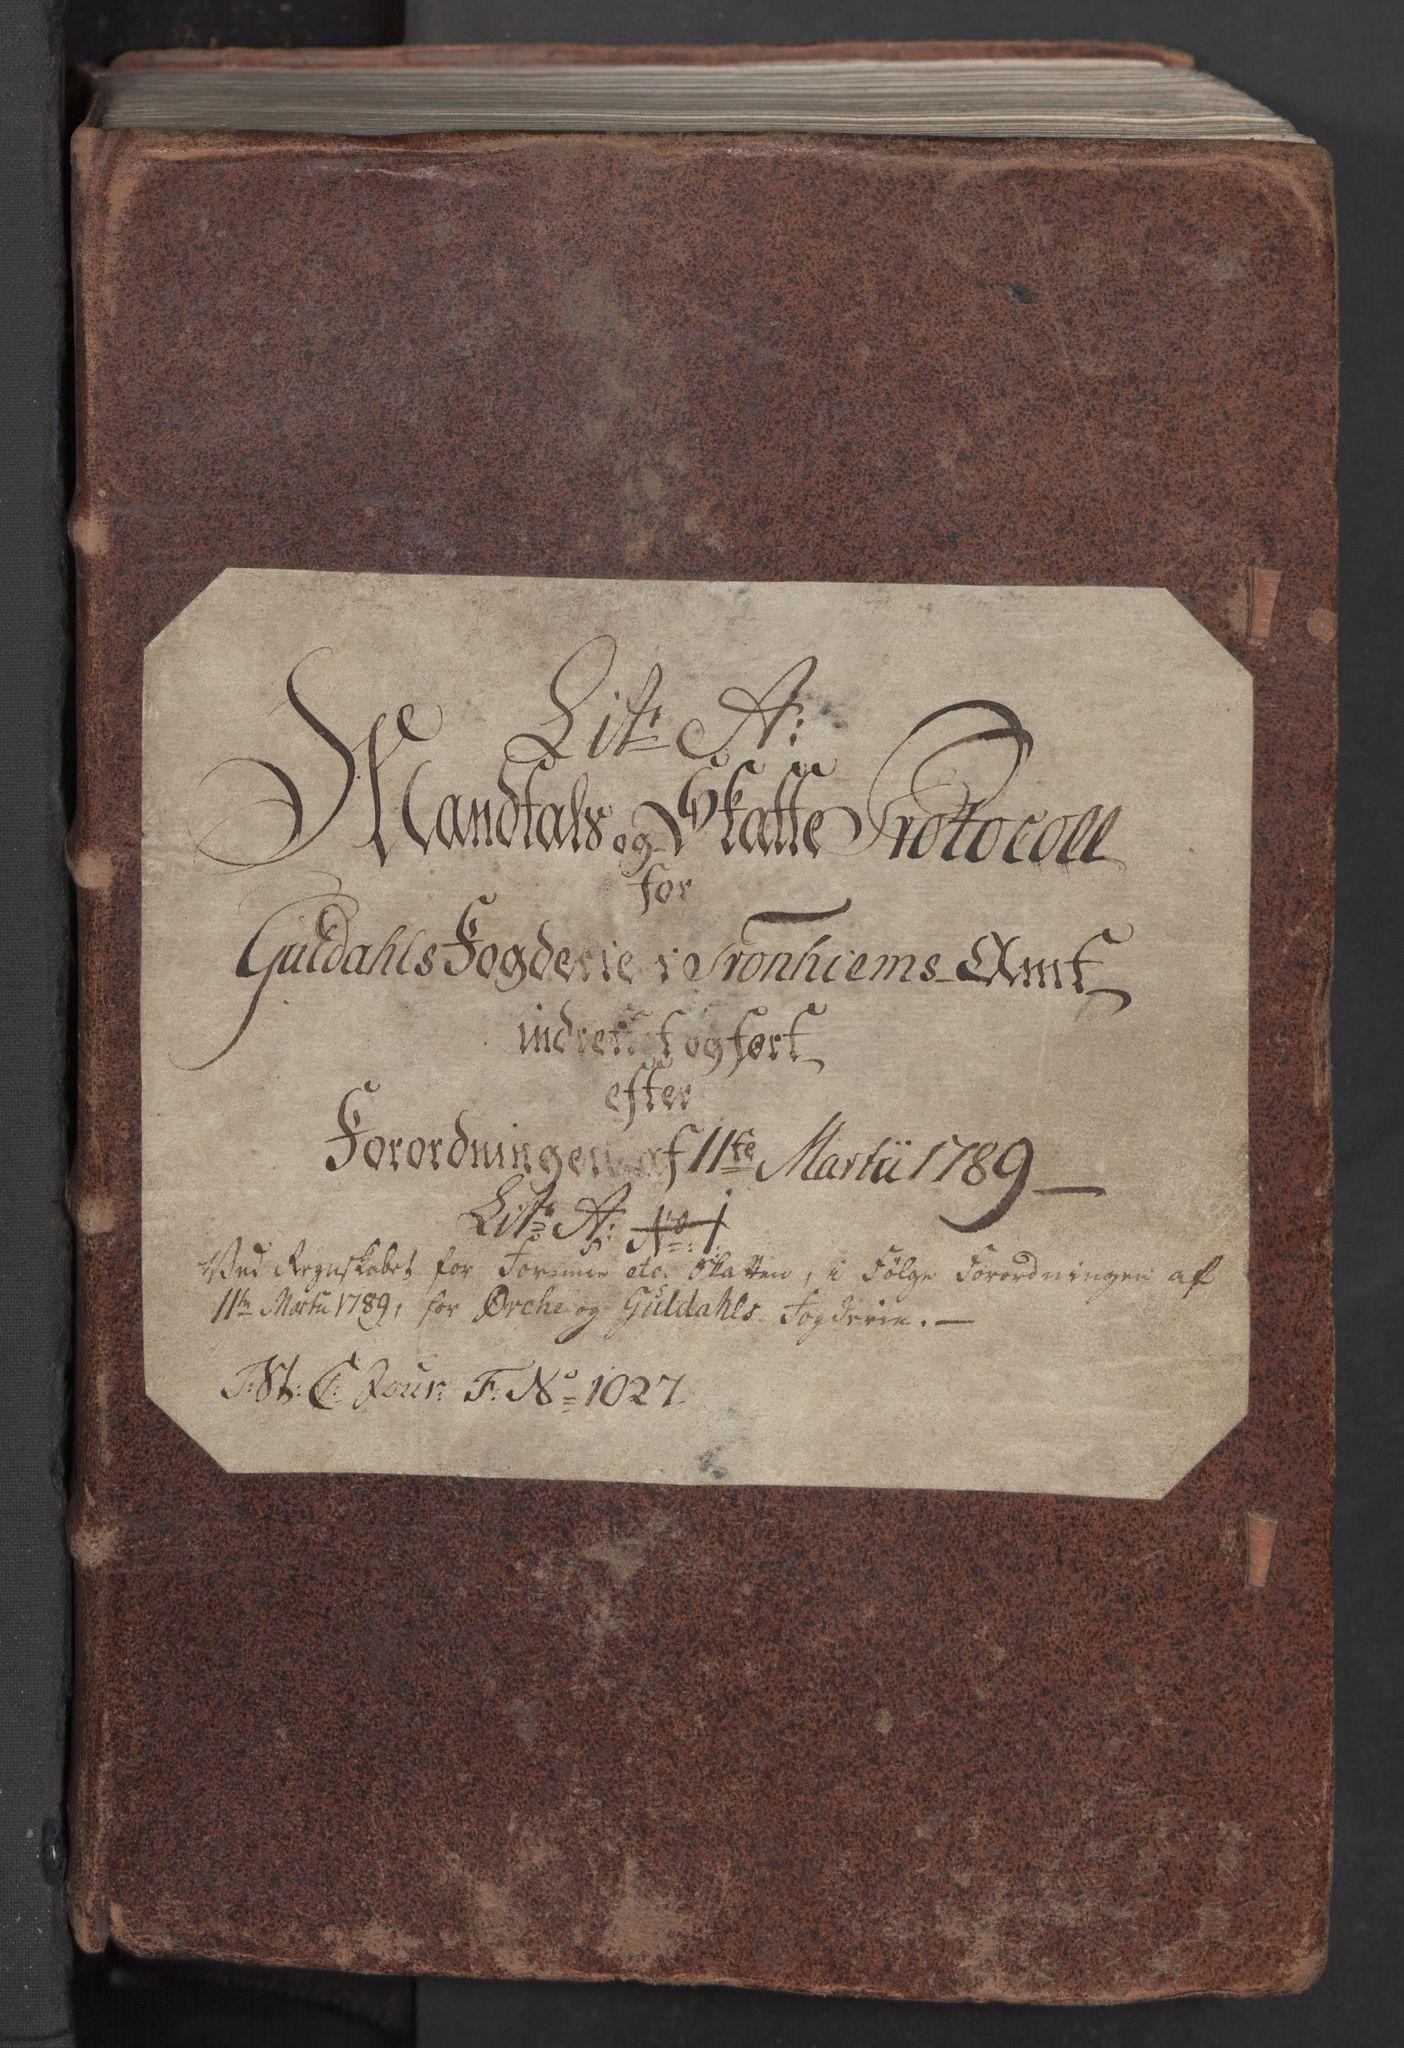 RA, Rentekammeret inntil 1814, Reviderte regnskaper, Mindre regnskaper, Rf/Rfe/L0034: Orkdal og Gauldal fogderi, 1789, s. 3